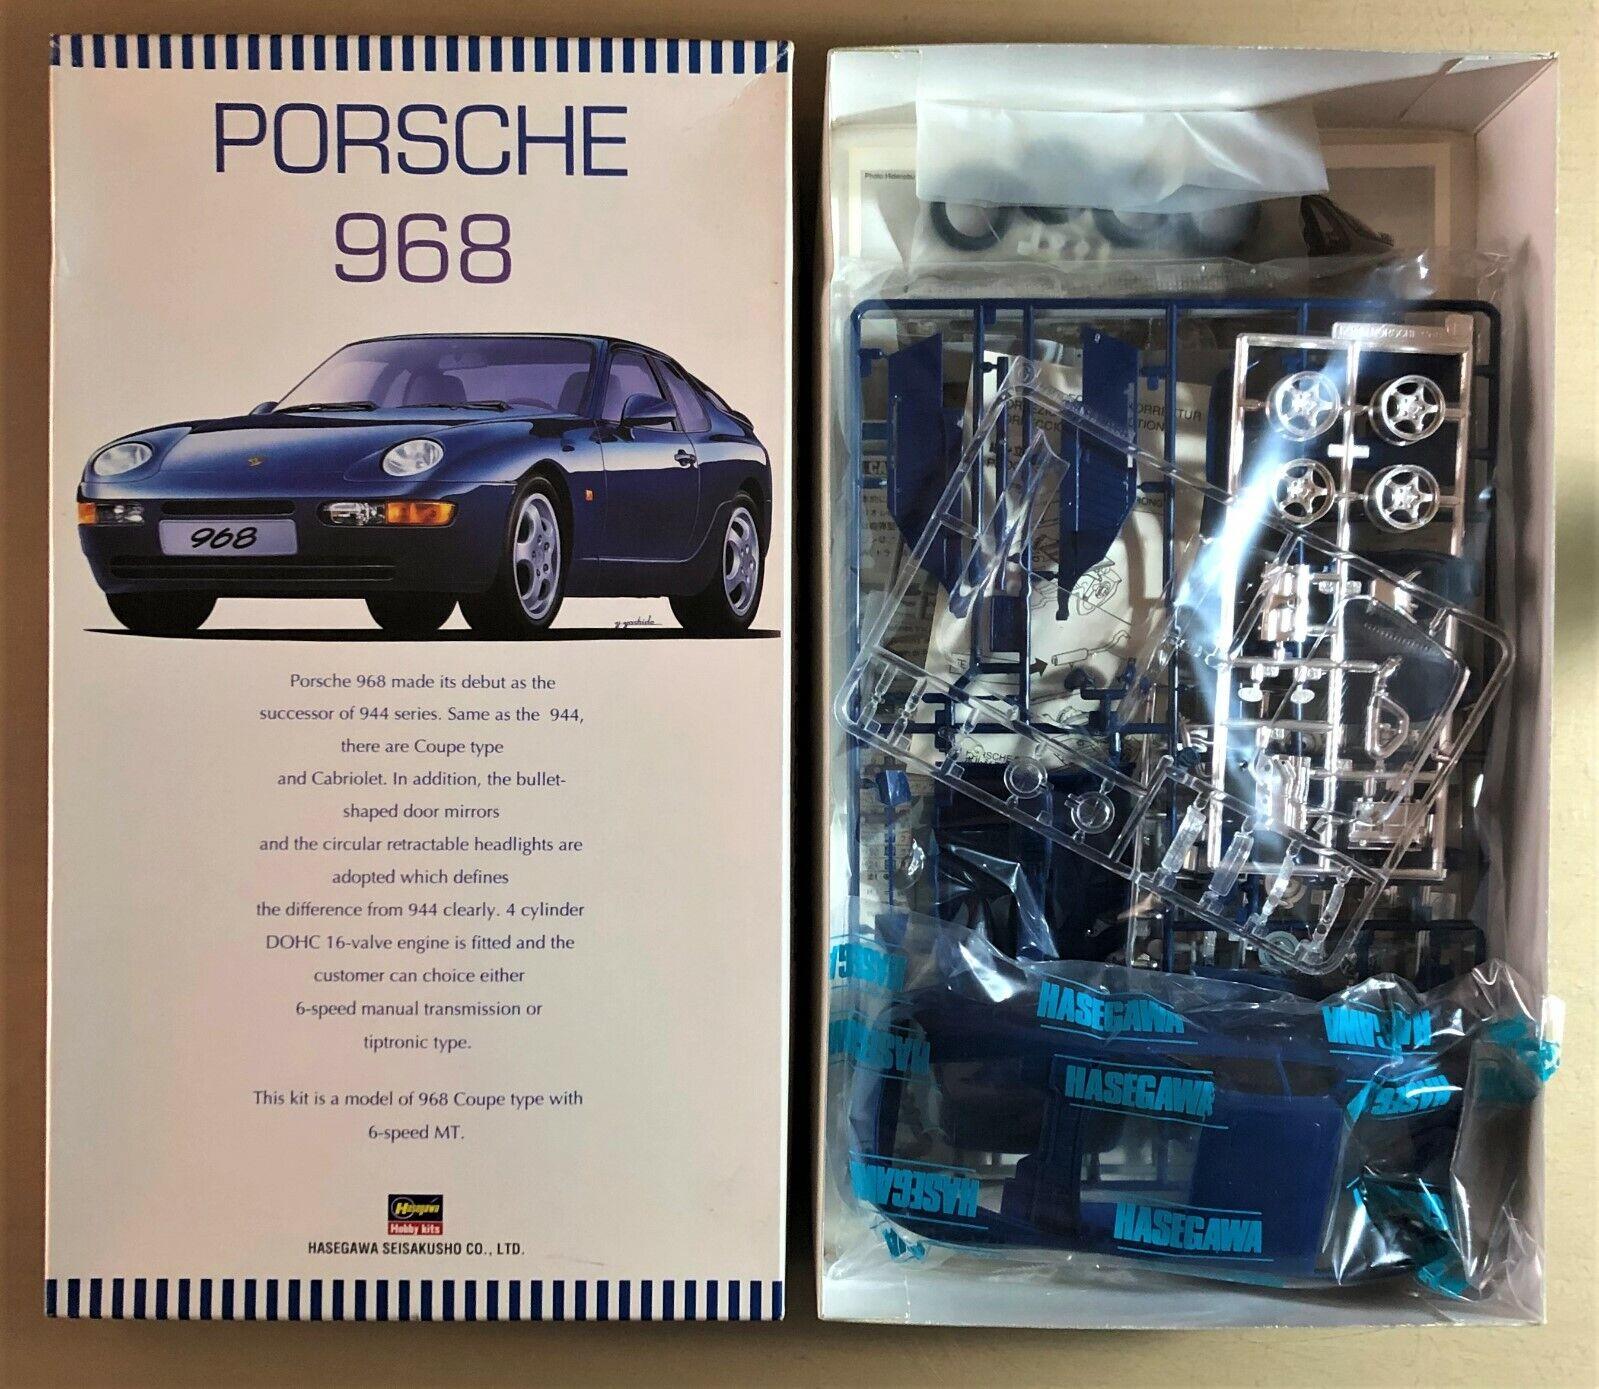 Hasegawa 20109-Porsche 968 - 1 24 Plastic Kit